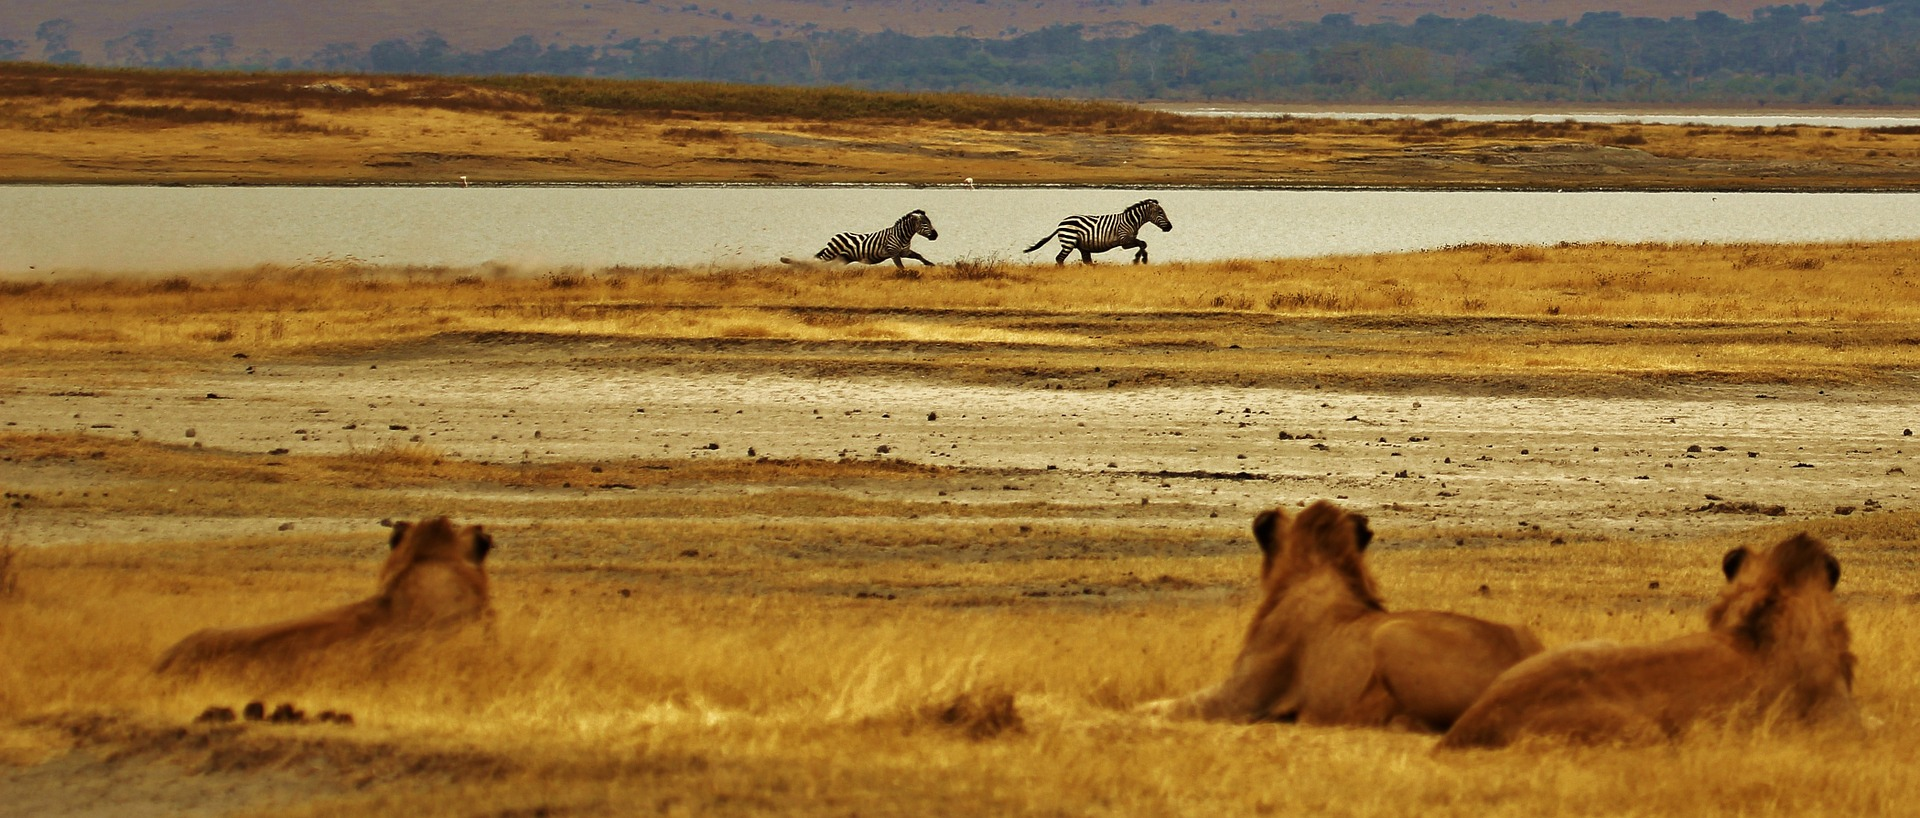 A zebra és az oroszlánok